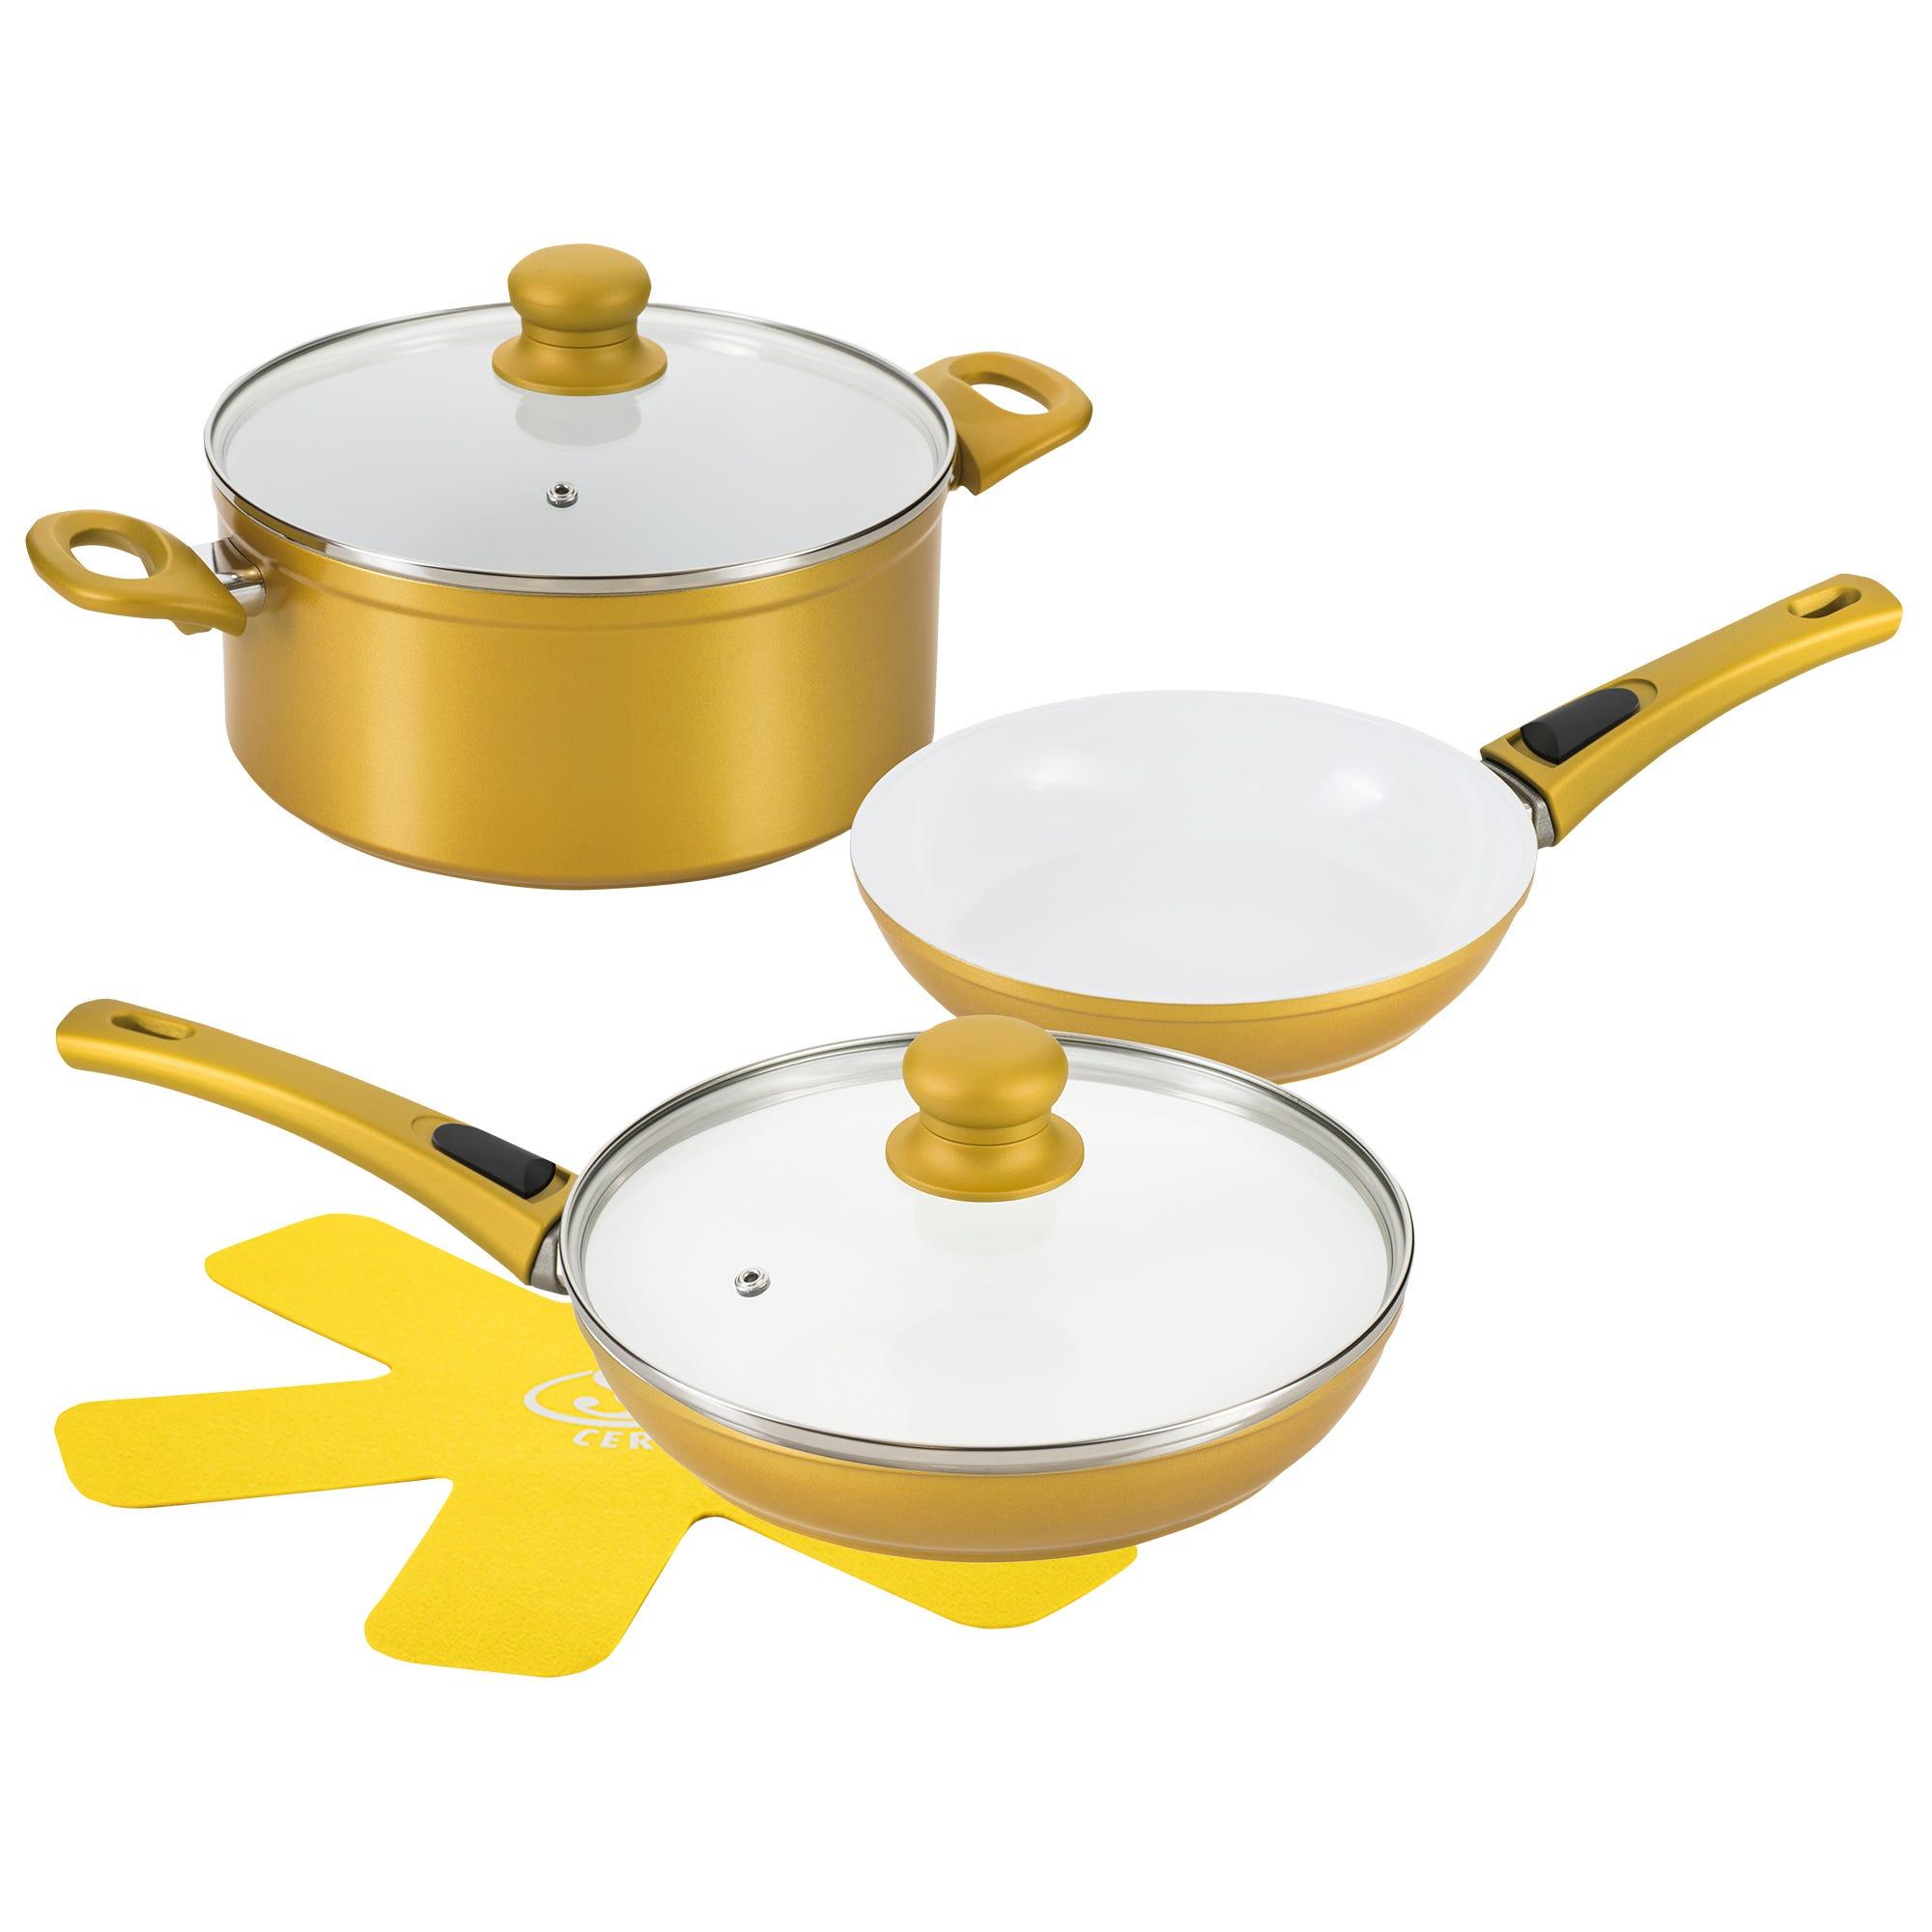 Batería de cocina de cerámica Cerafit Master color dorado